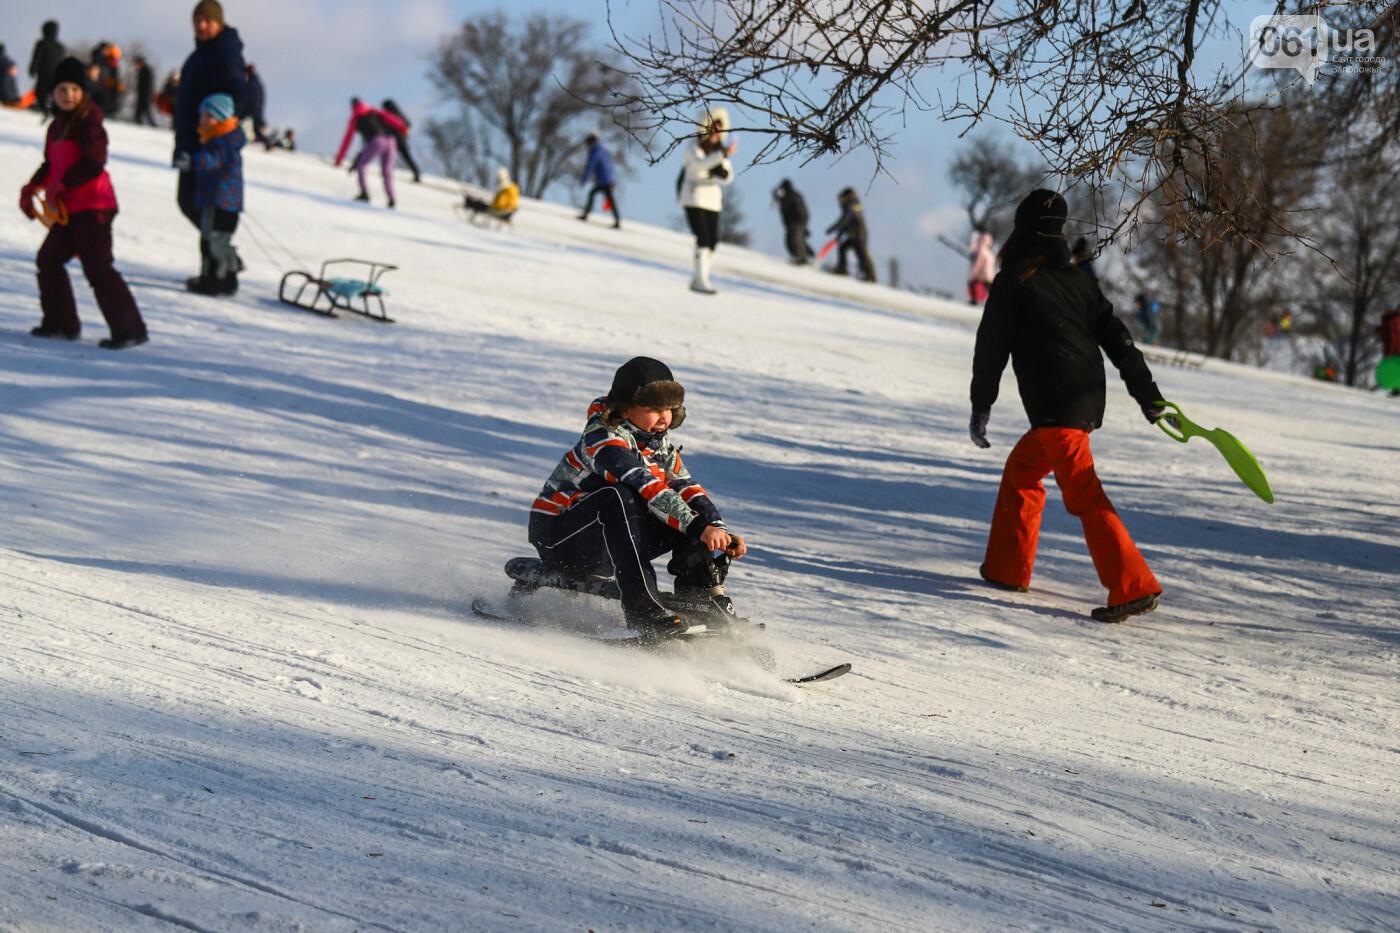 На санках, лыжах и сноуборде: запорожцы устроили массовое катание с горок в Вознесеновском парке, - ФОТОРЕПОРТАЖ, фото-20